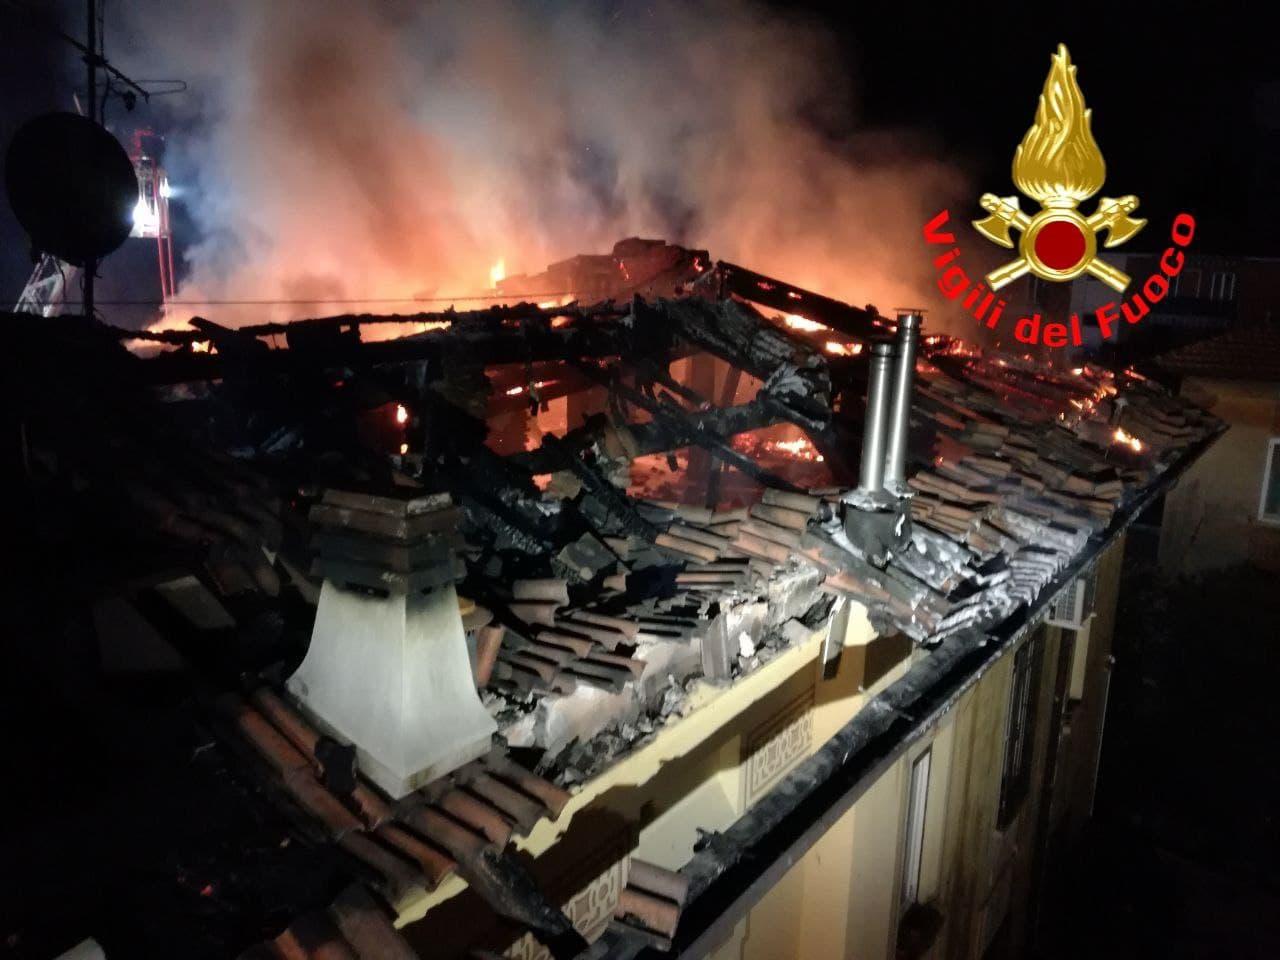 Tetto in fiamme al quartiere Leonessa di Brescia, 4 famiglie rimangono senza casa